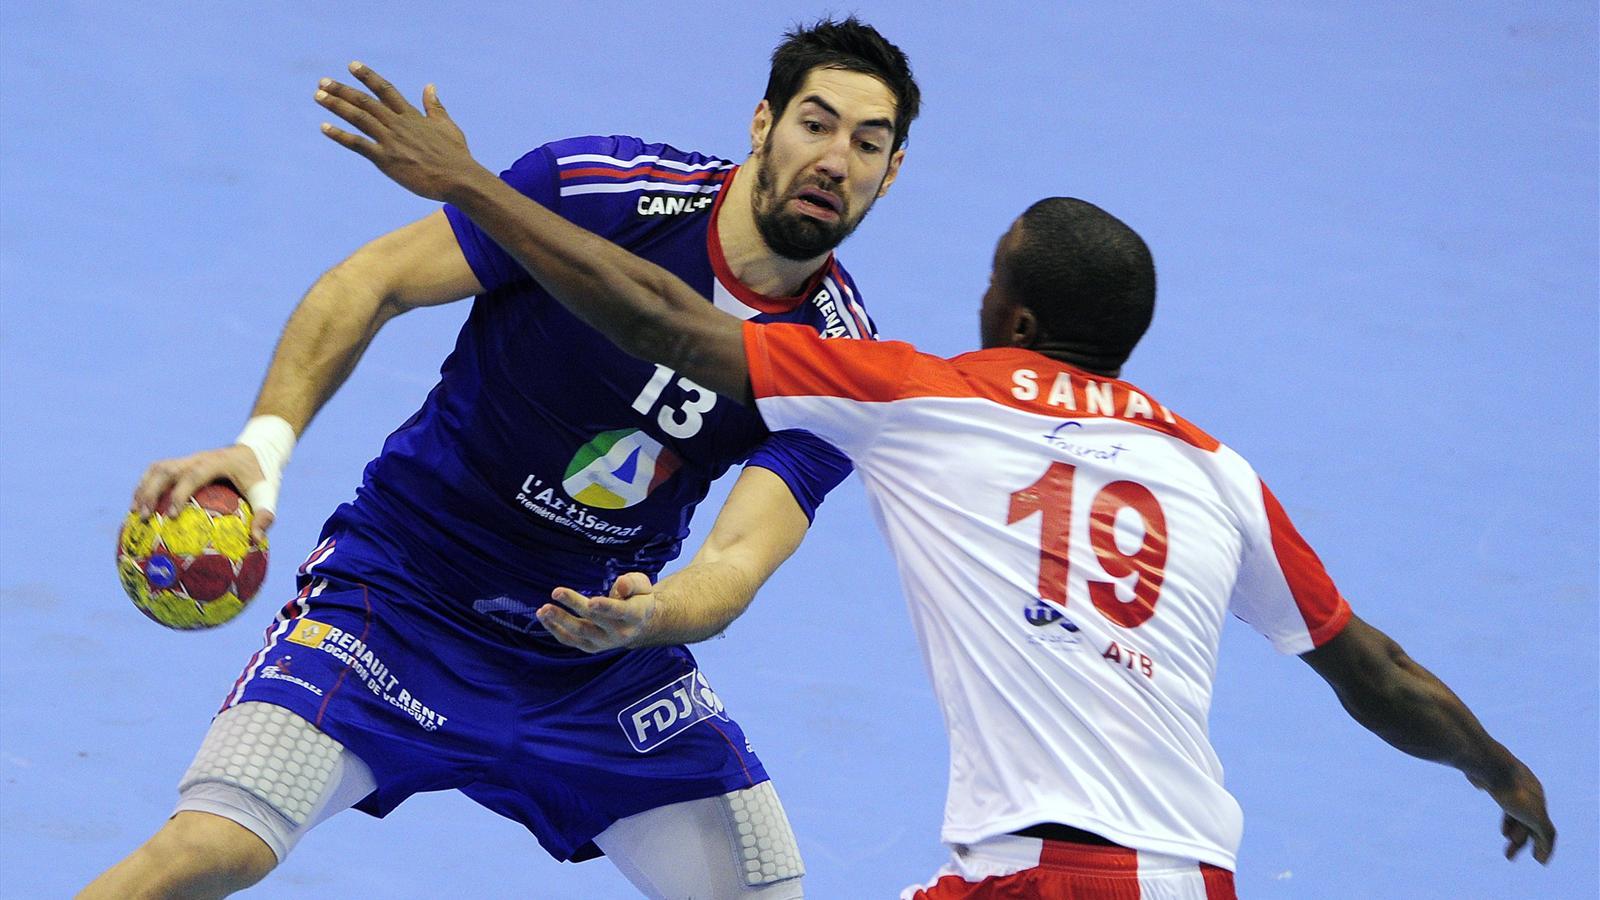 Mondial les bleus sont coutumiers du fait championnat du monde 2013 handball eurosport - Coupe du monde handball 2013 ...